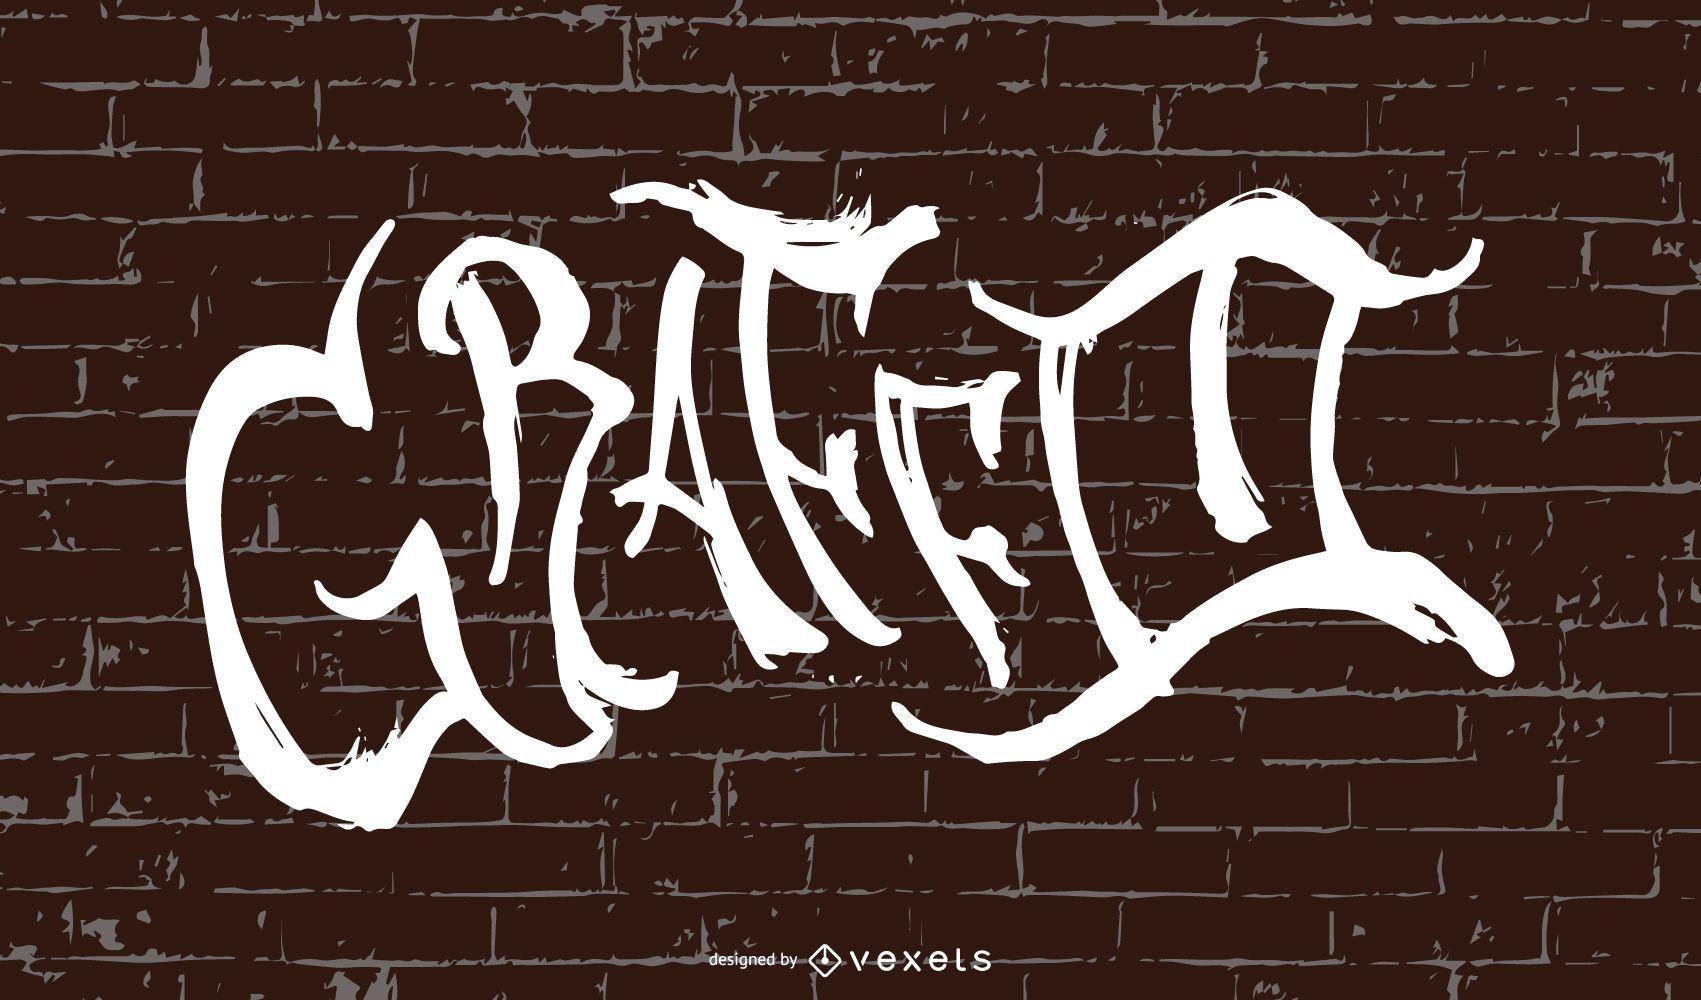 Beautiful Graffiti Font Design On Wall